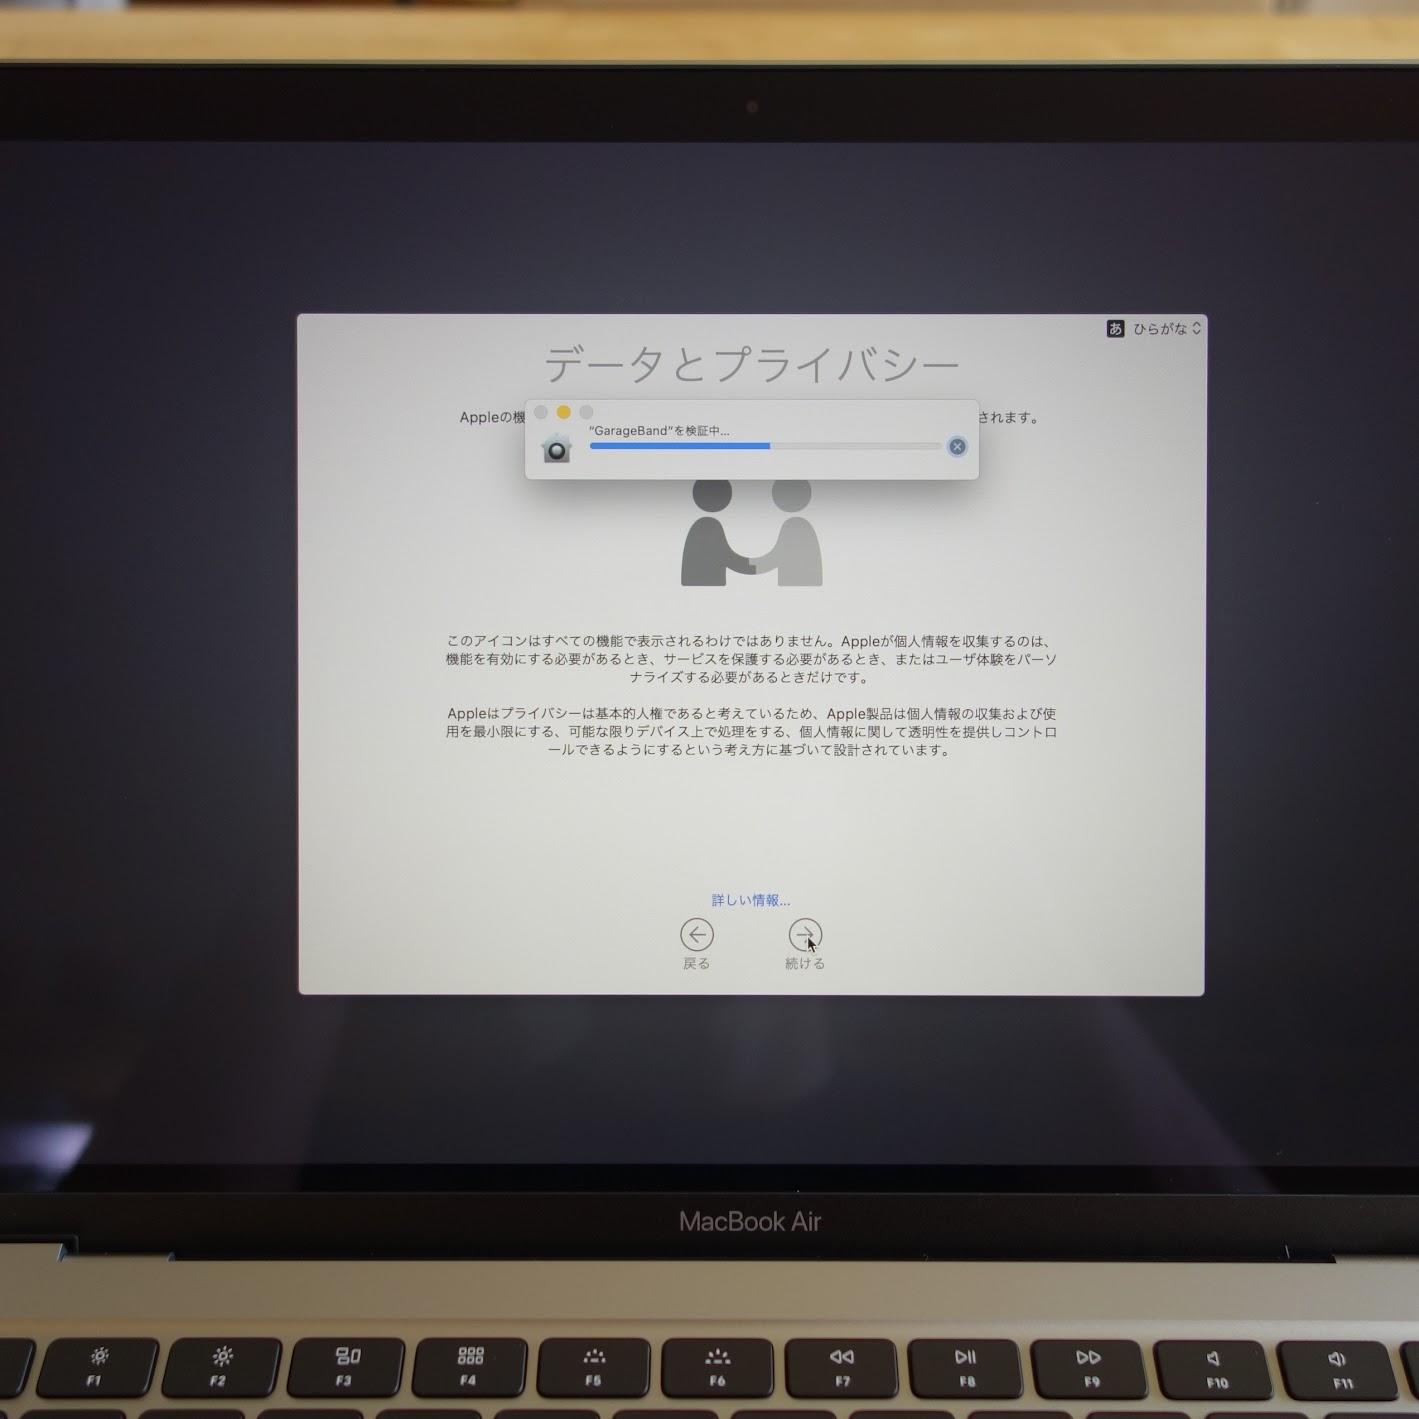 MacBook Air データとプライバシー